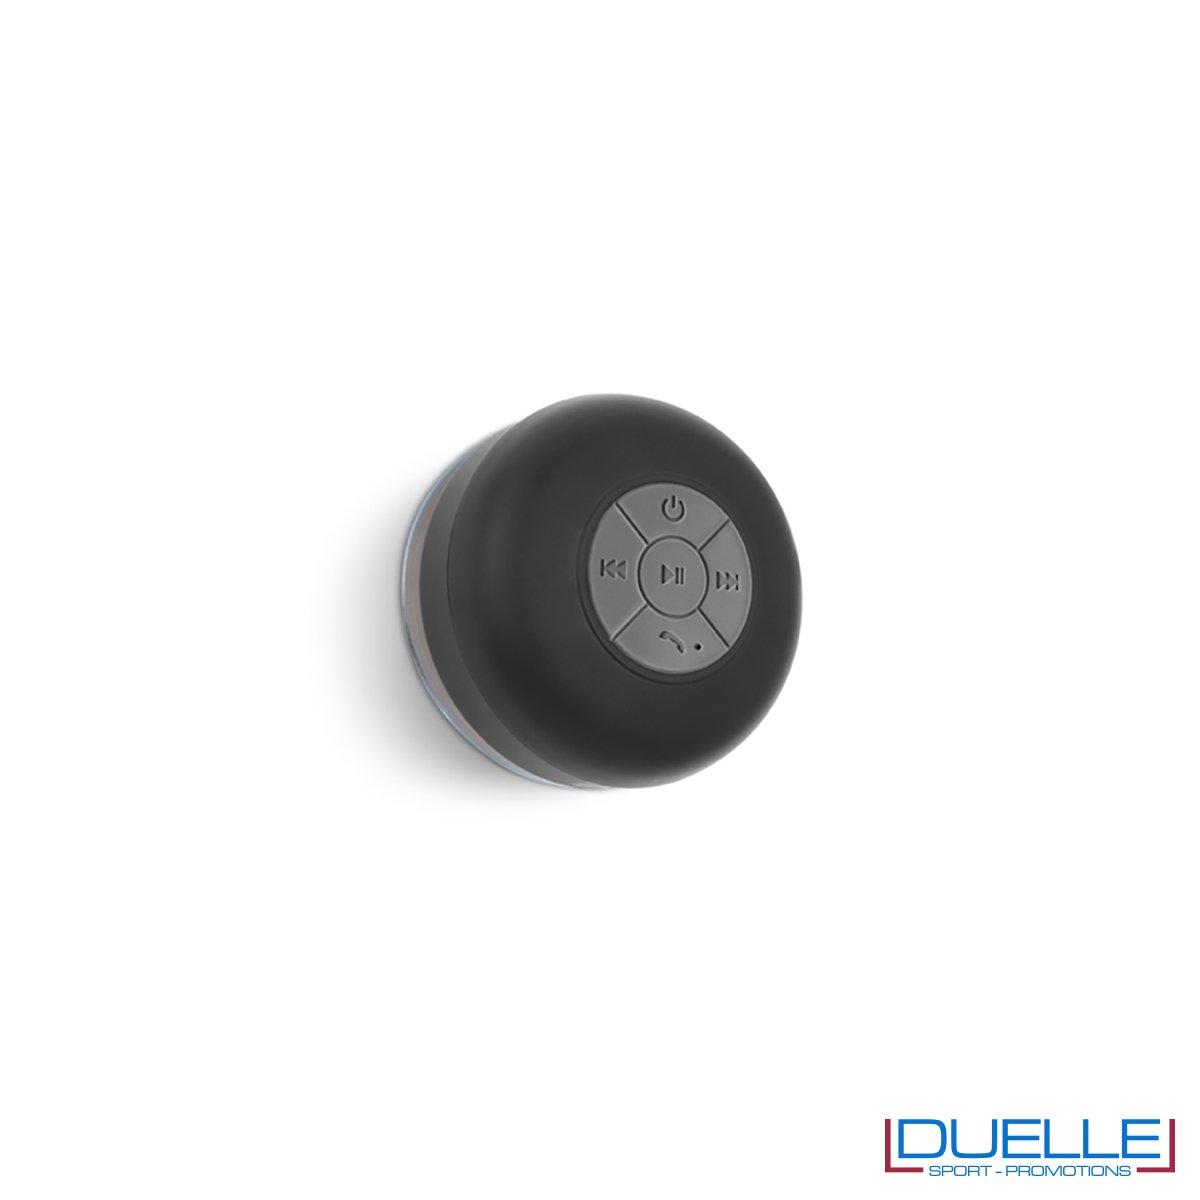 Altoparlante bluetooth personalizzato waterproof colore nero